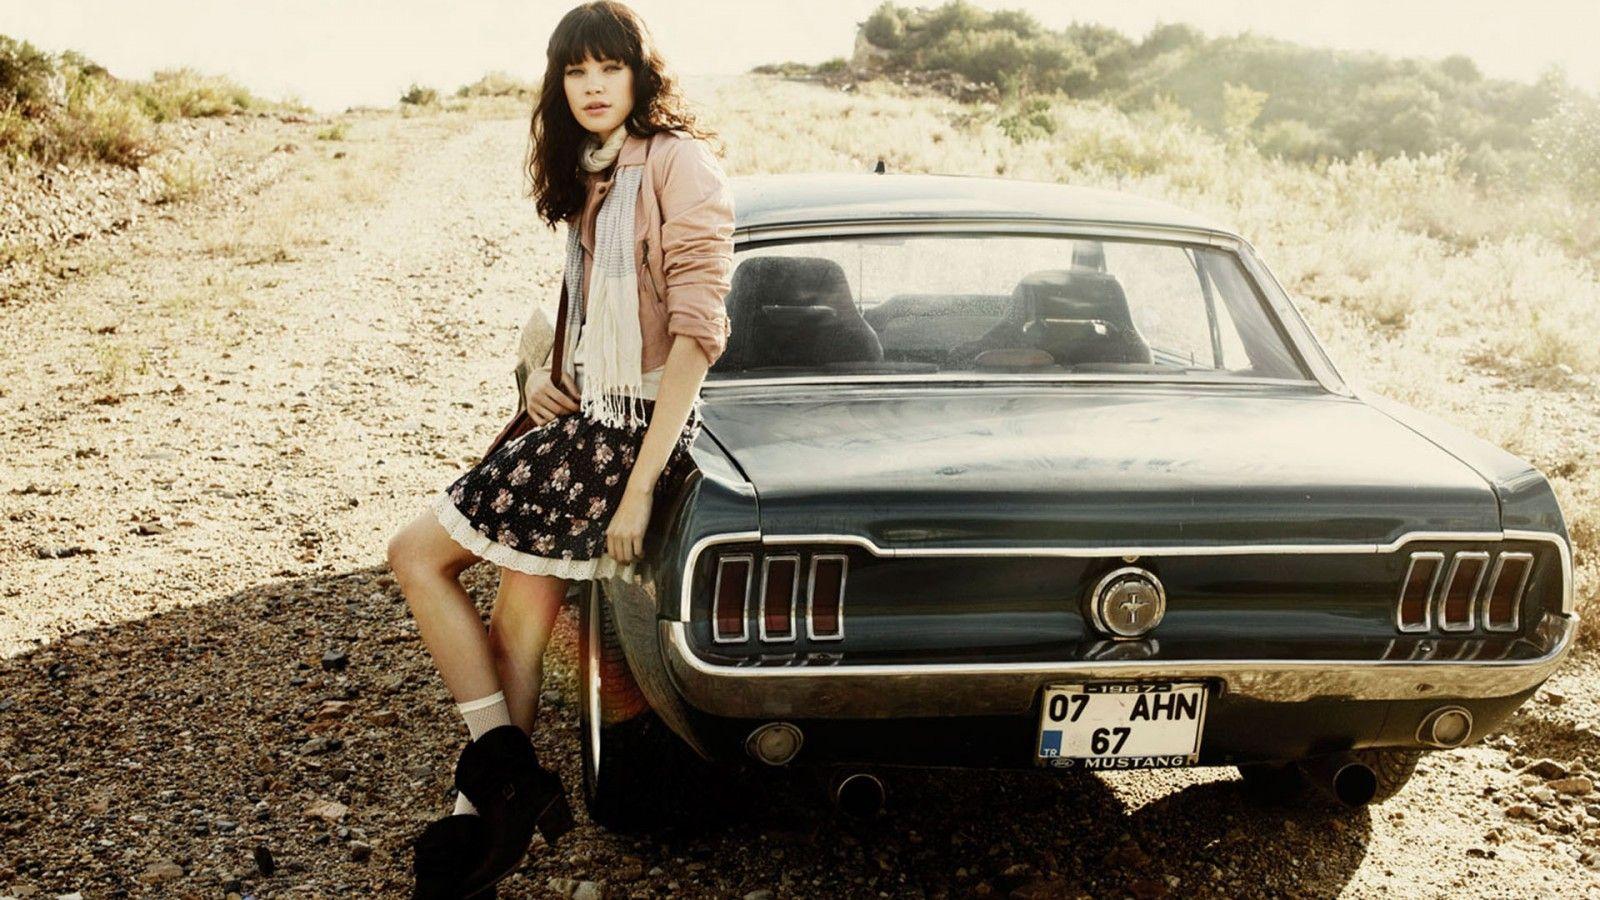 Ford mustang road gravel vintage girl skirt